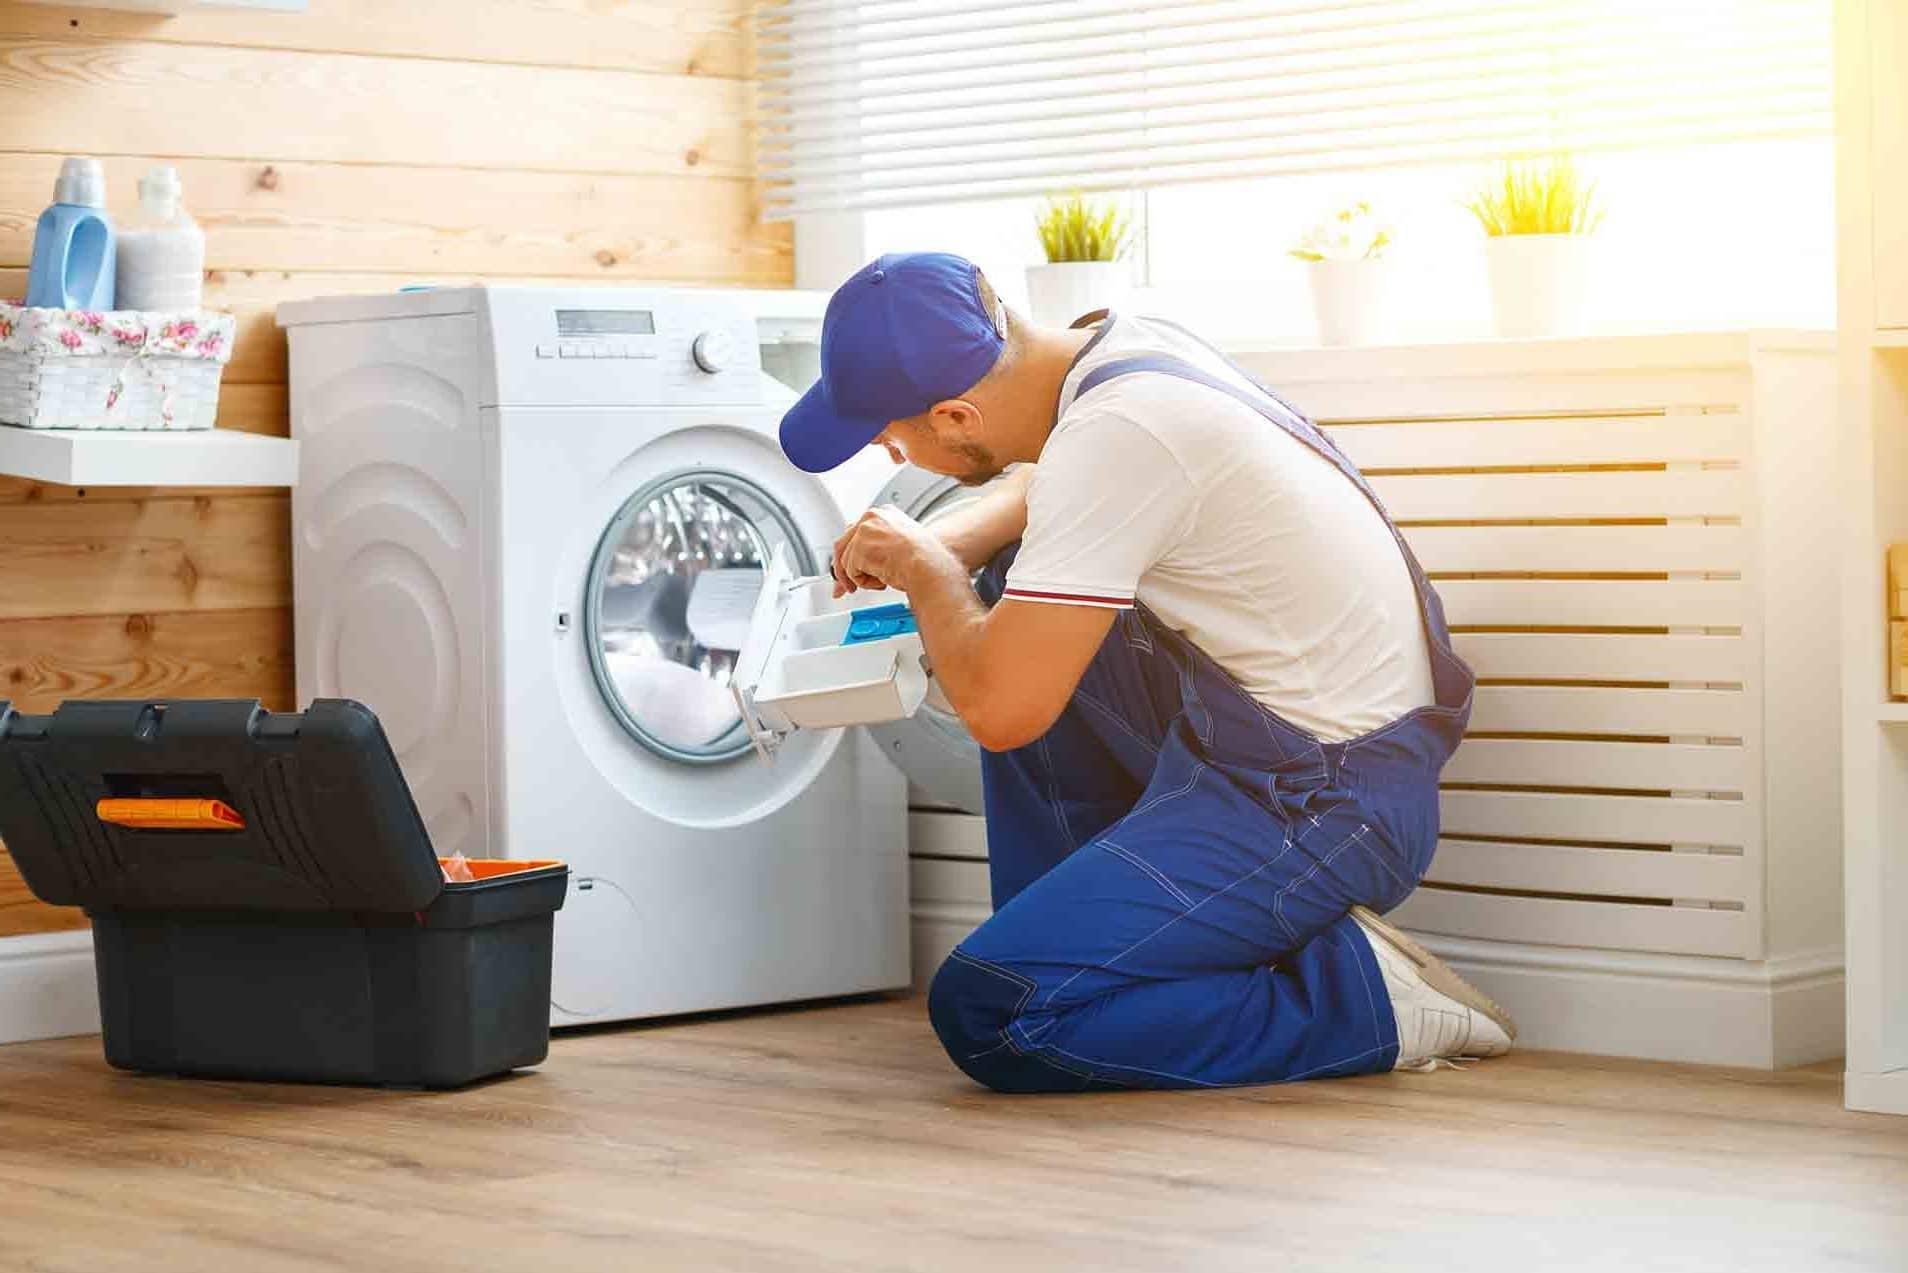 engineer-repairing-washing-machine